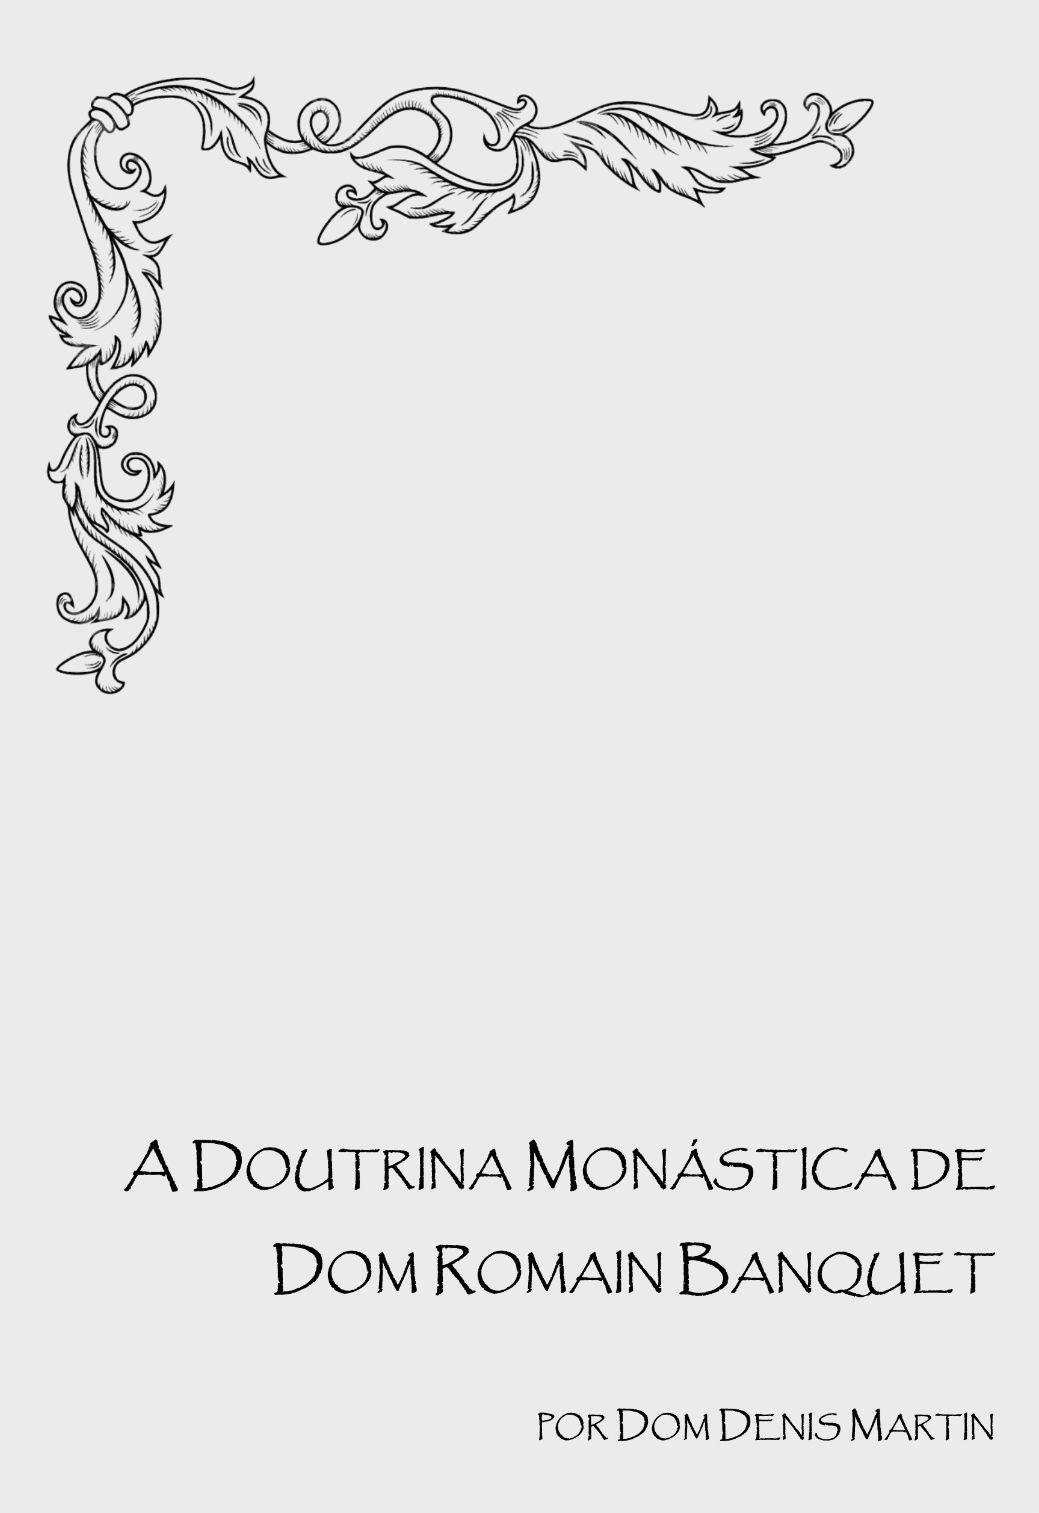 A Doutrina Monástica de Dom Romain Banquet - Dom Denis Martin  - Livraria Santa Cruz